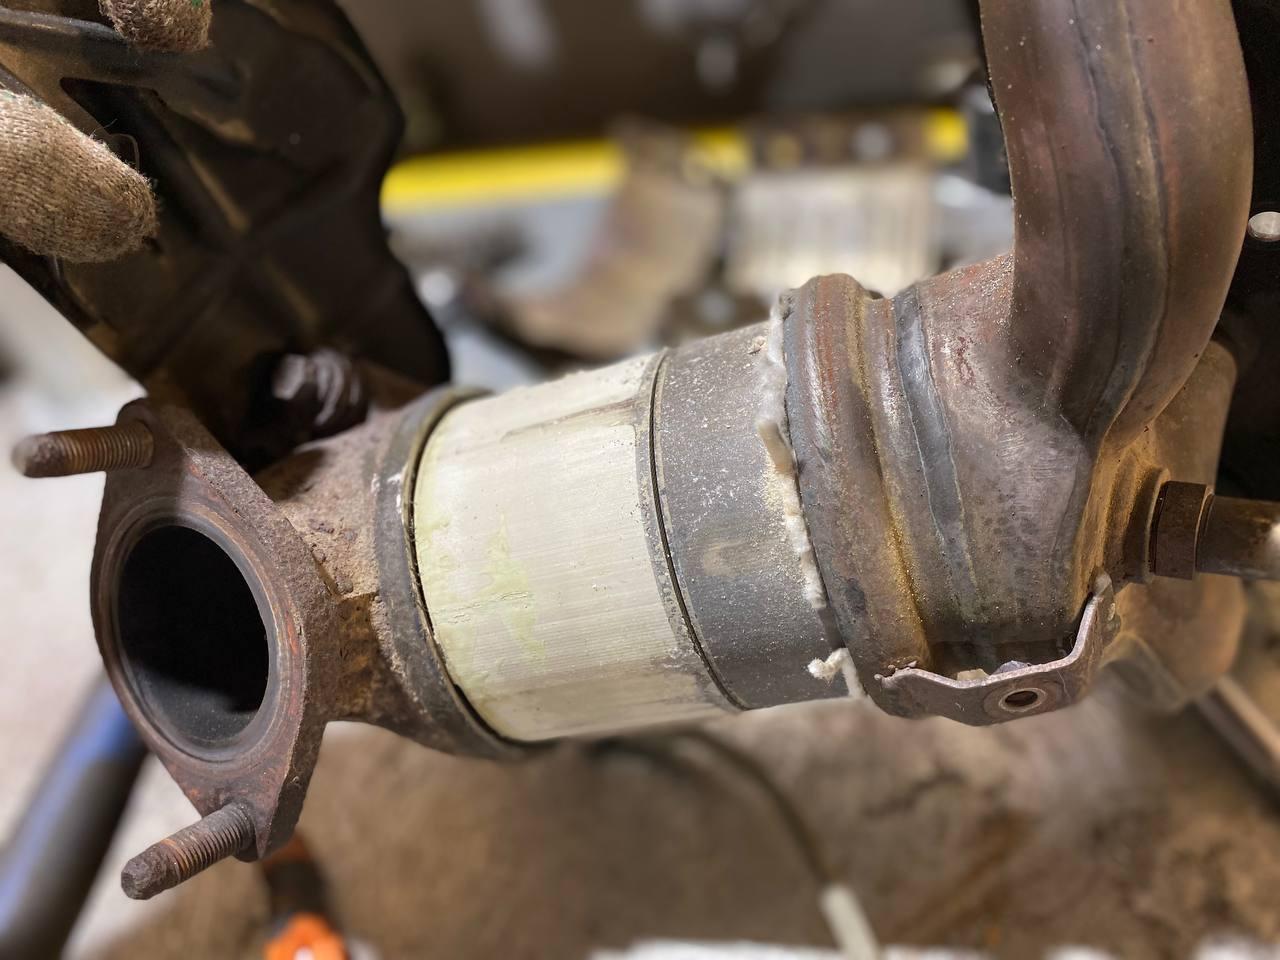 Как узнать, что забит катализатор автомобиля?